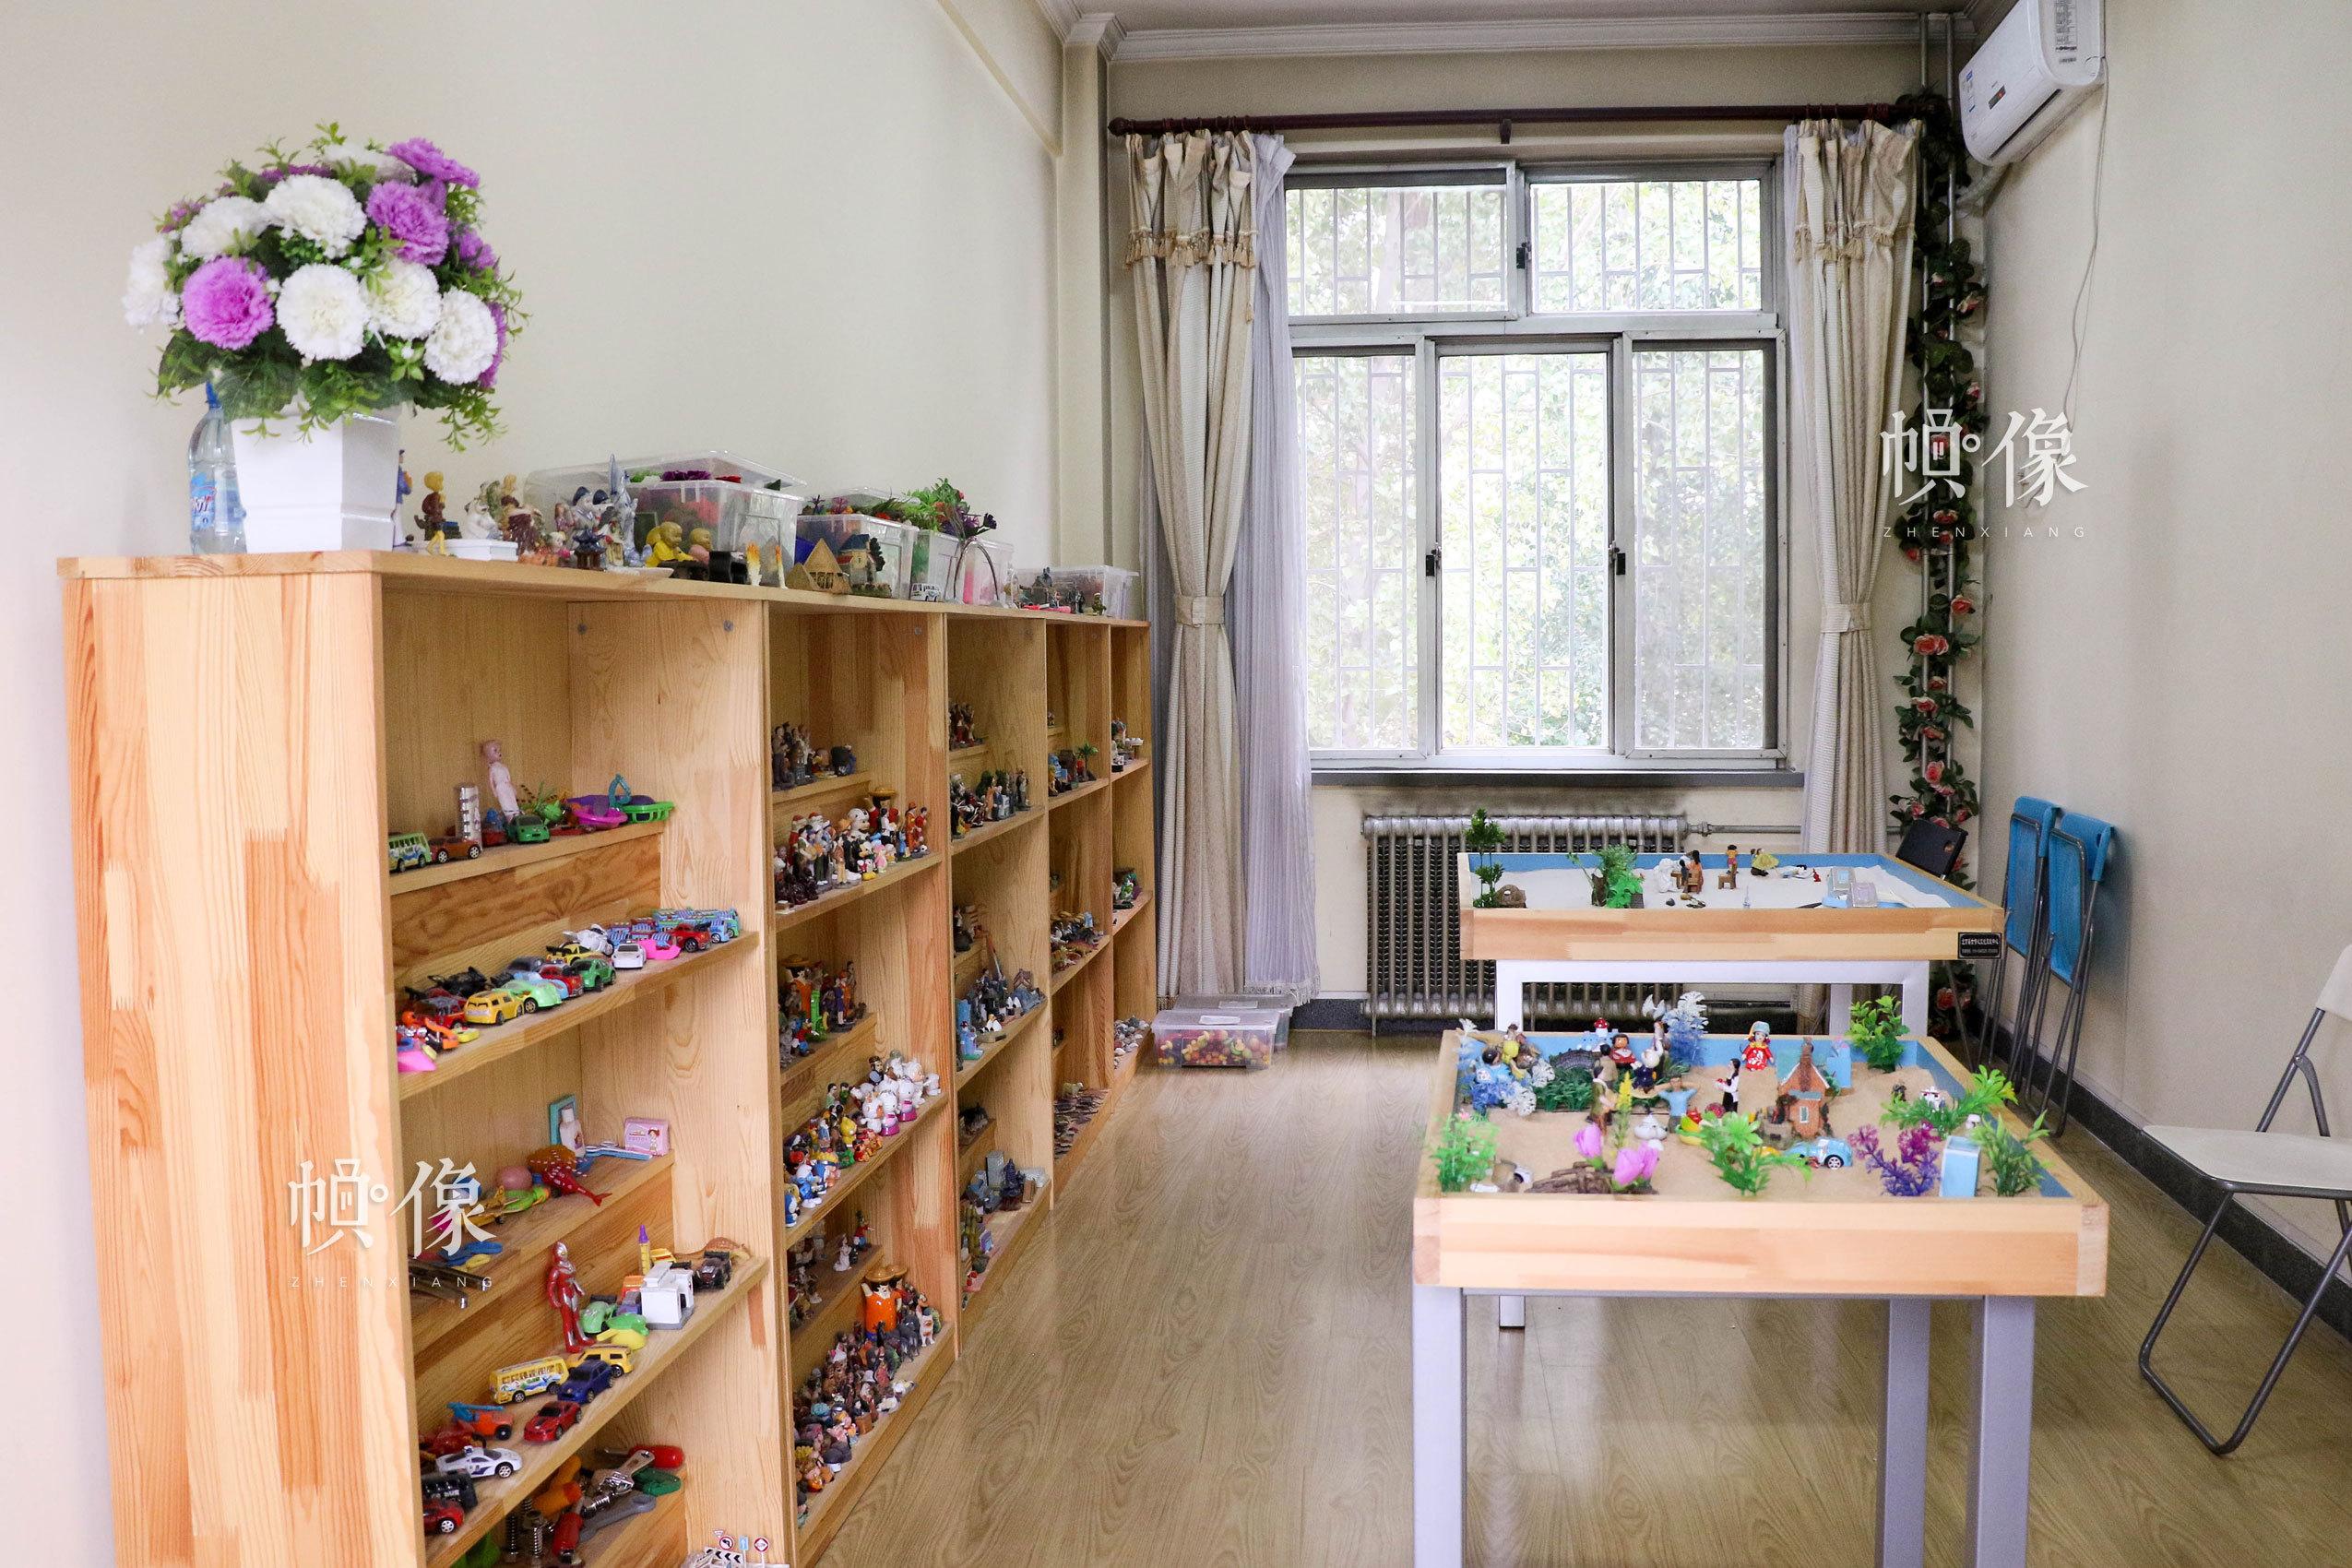 北京市天堂河女子教育矫治所心理咨询室。中国网记者 赵超 摄